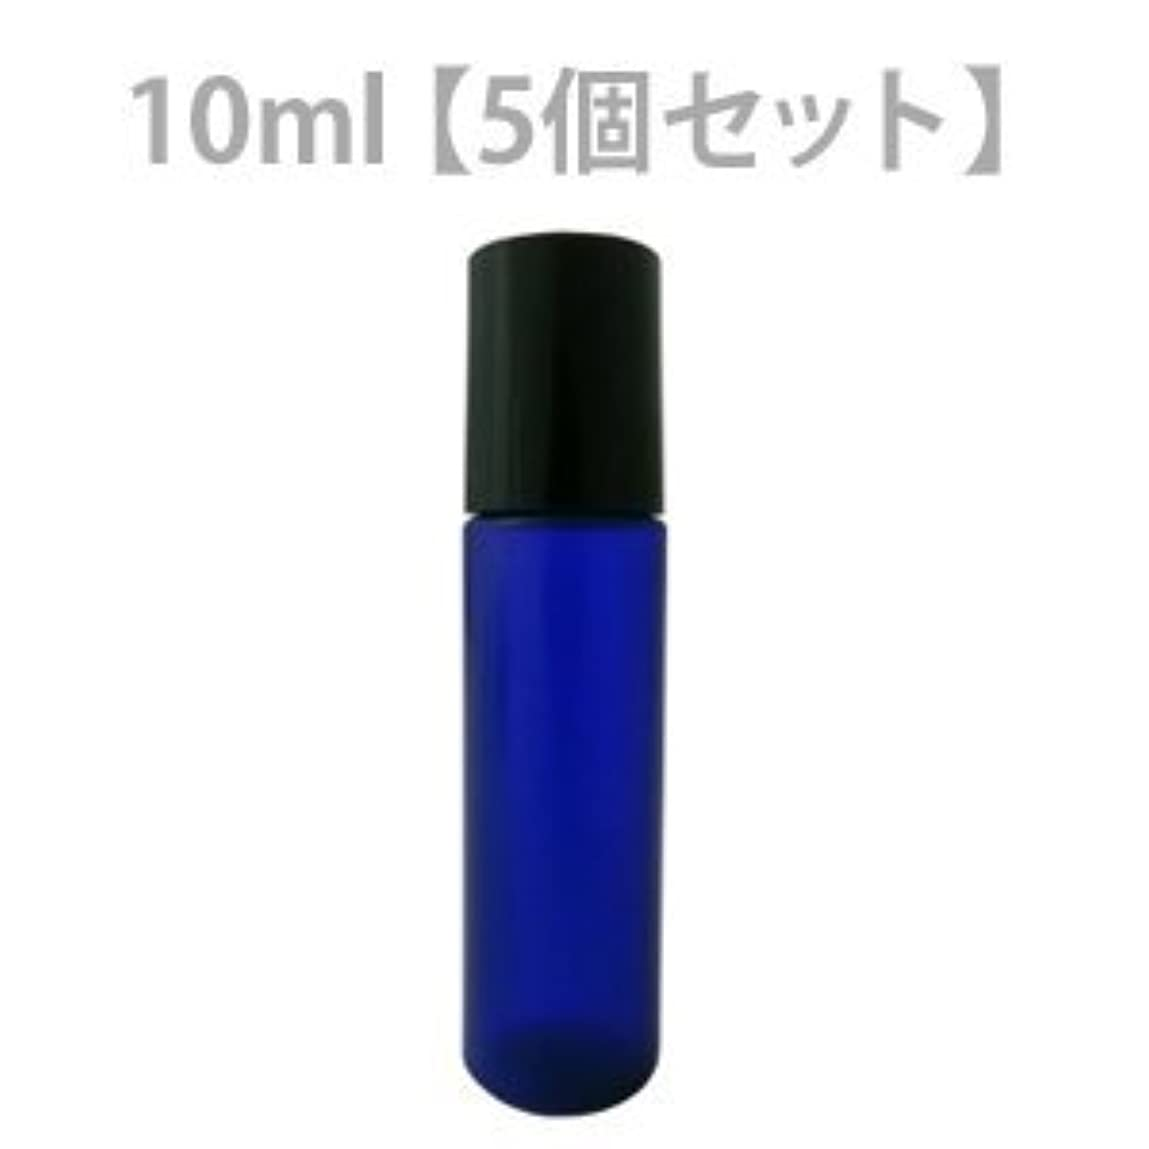 作曲するアプローチピットミニボトル容器 10ml コバルト (5個セット) 【化粧品容器】